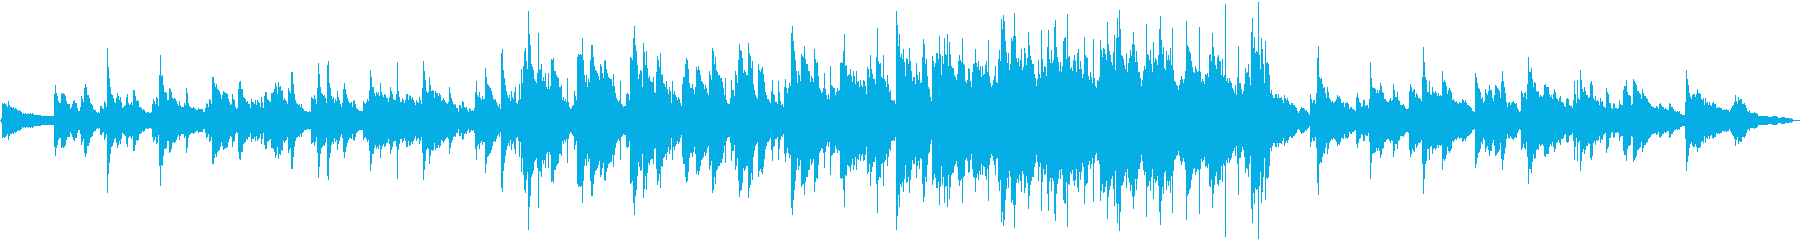 動画 感情的 希望的 やる気 ビデ...の再生済みの波形